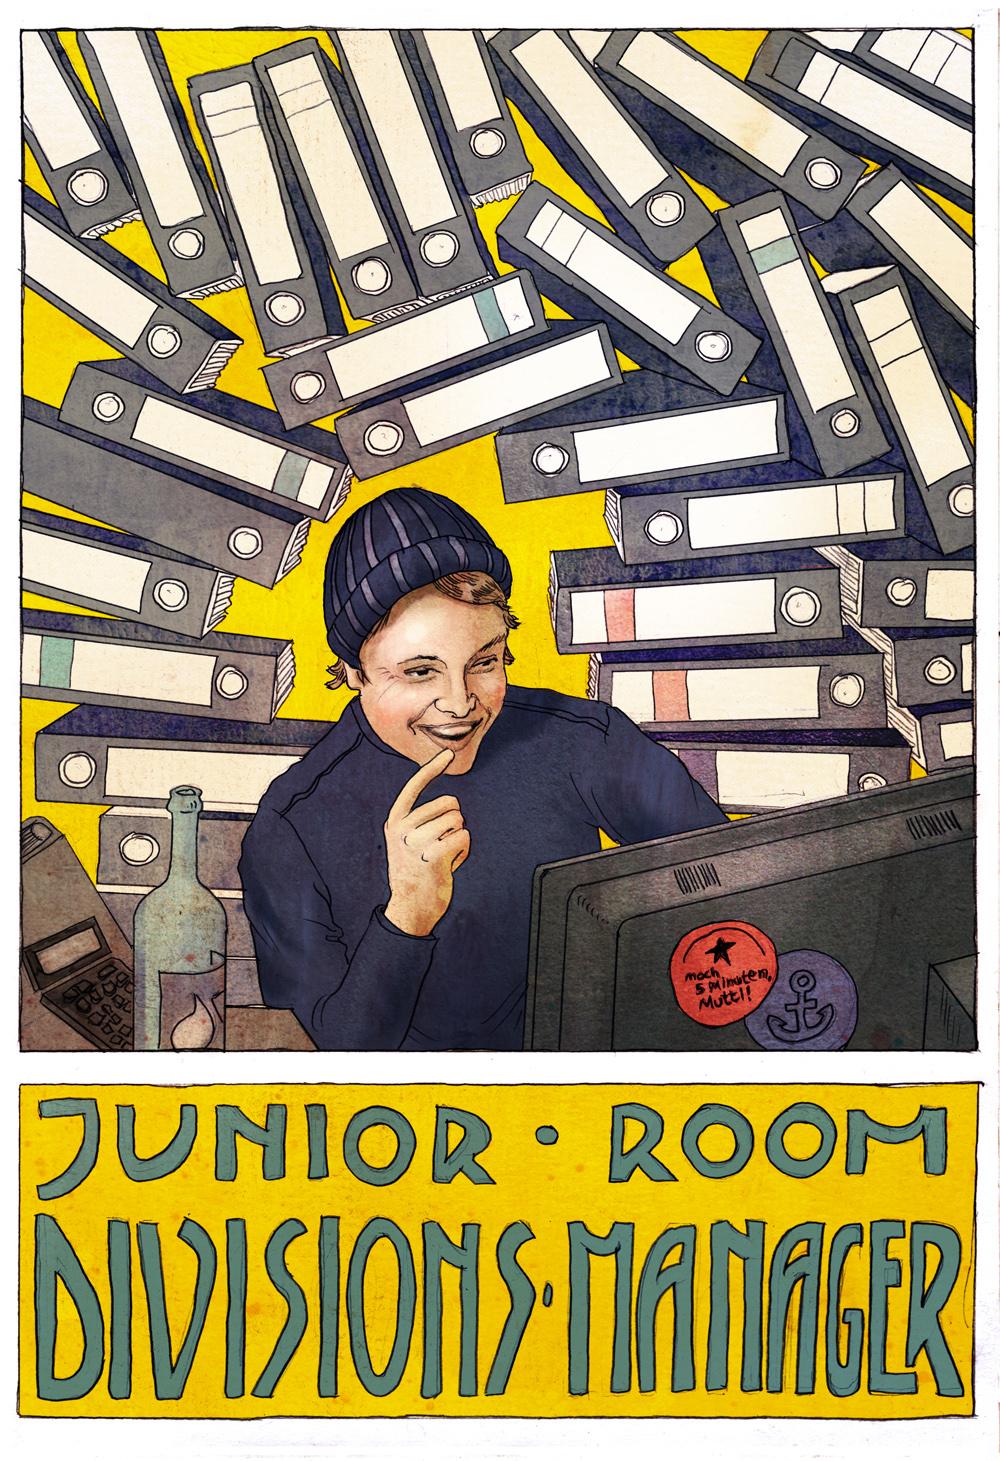 Juniorroomdivisionsmanager.